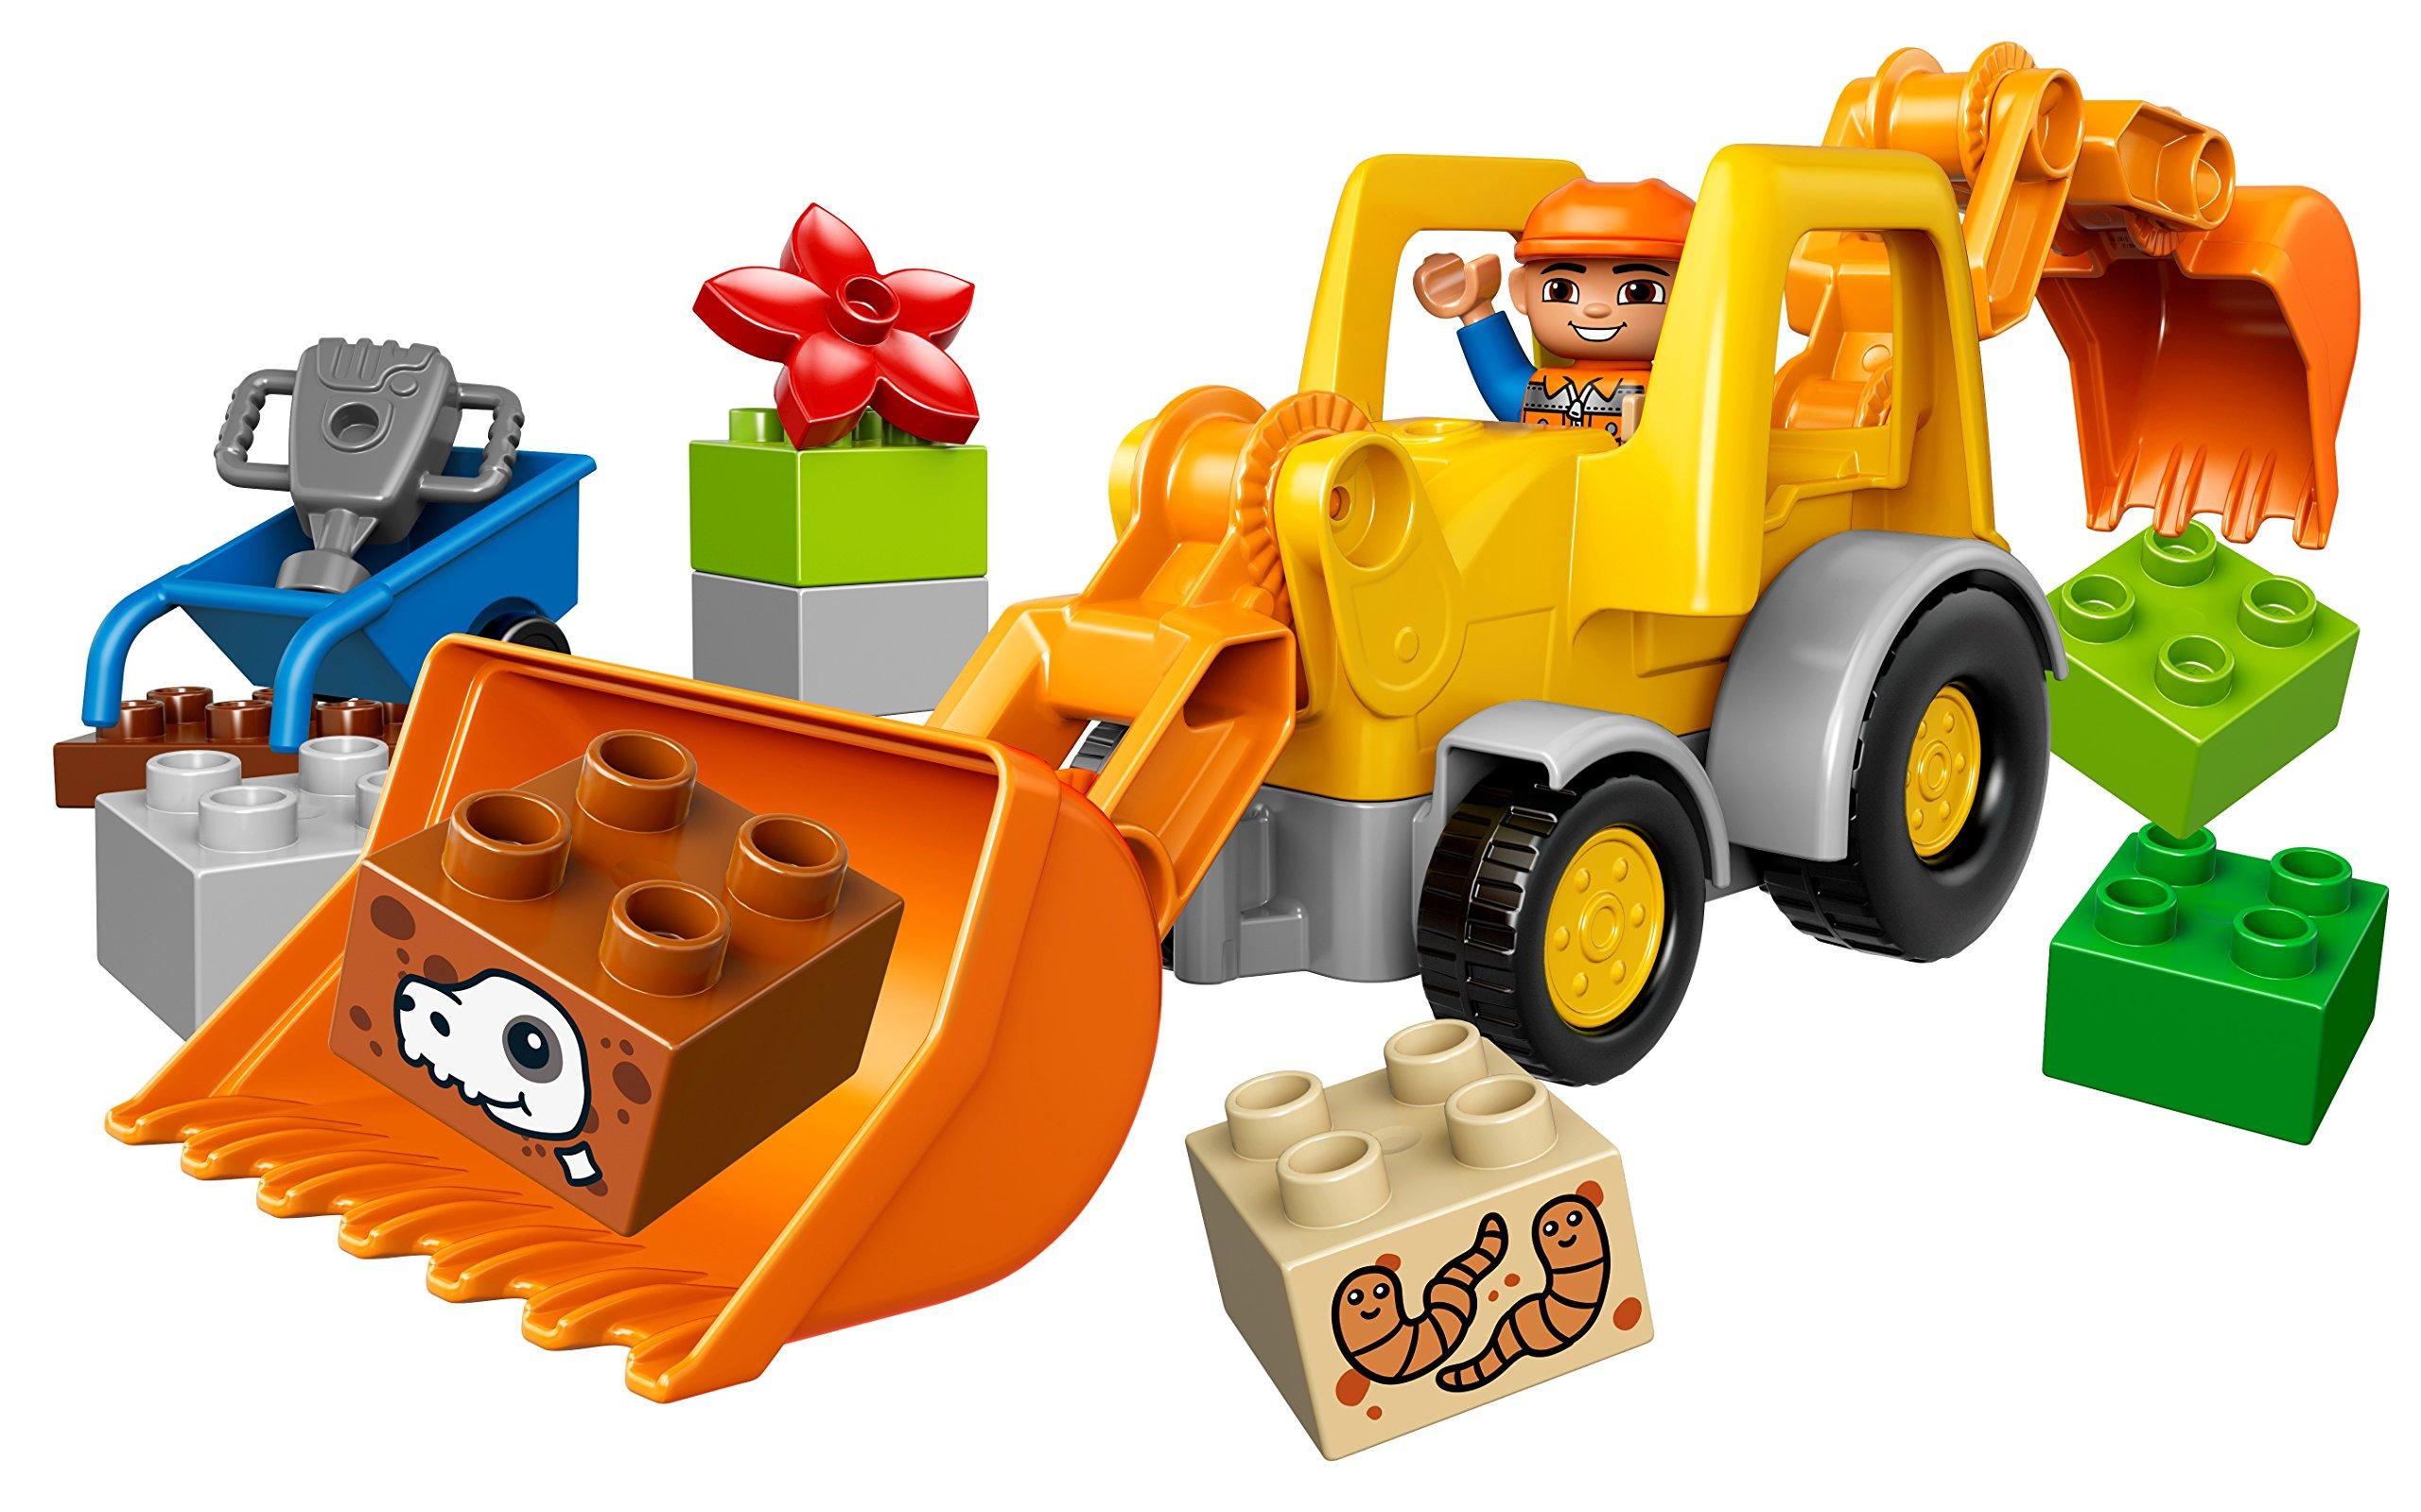 LEGO Duplo Camion e Scavatrice Cingolata con Due Personaggi, Set di Costruzioni per Bambini da 2-5 Anni, Multicolore… 2 spesavip